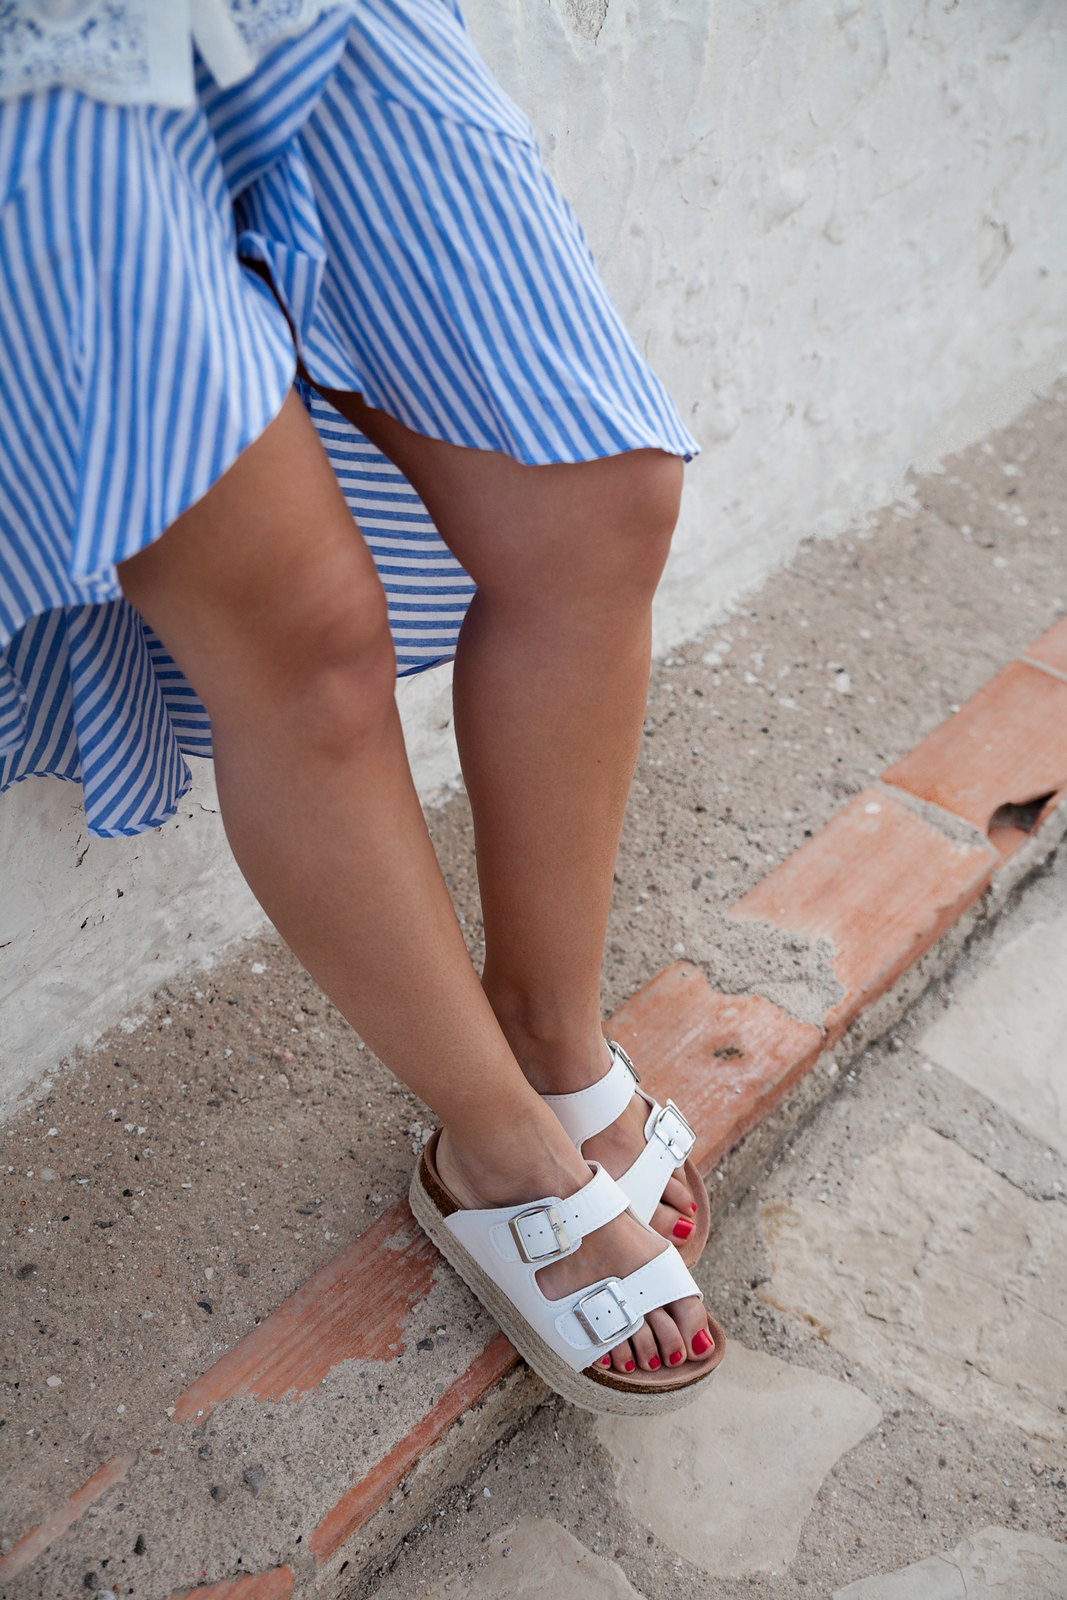 El look perfecto de verano para una Mediterranean Girl shoes xti summer alessandra ambrossio laura santolaria